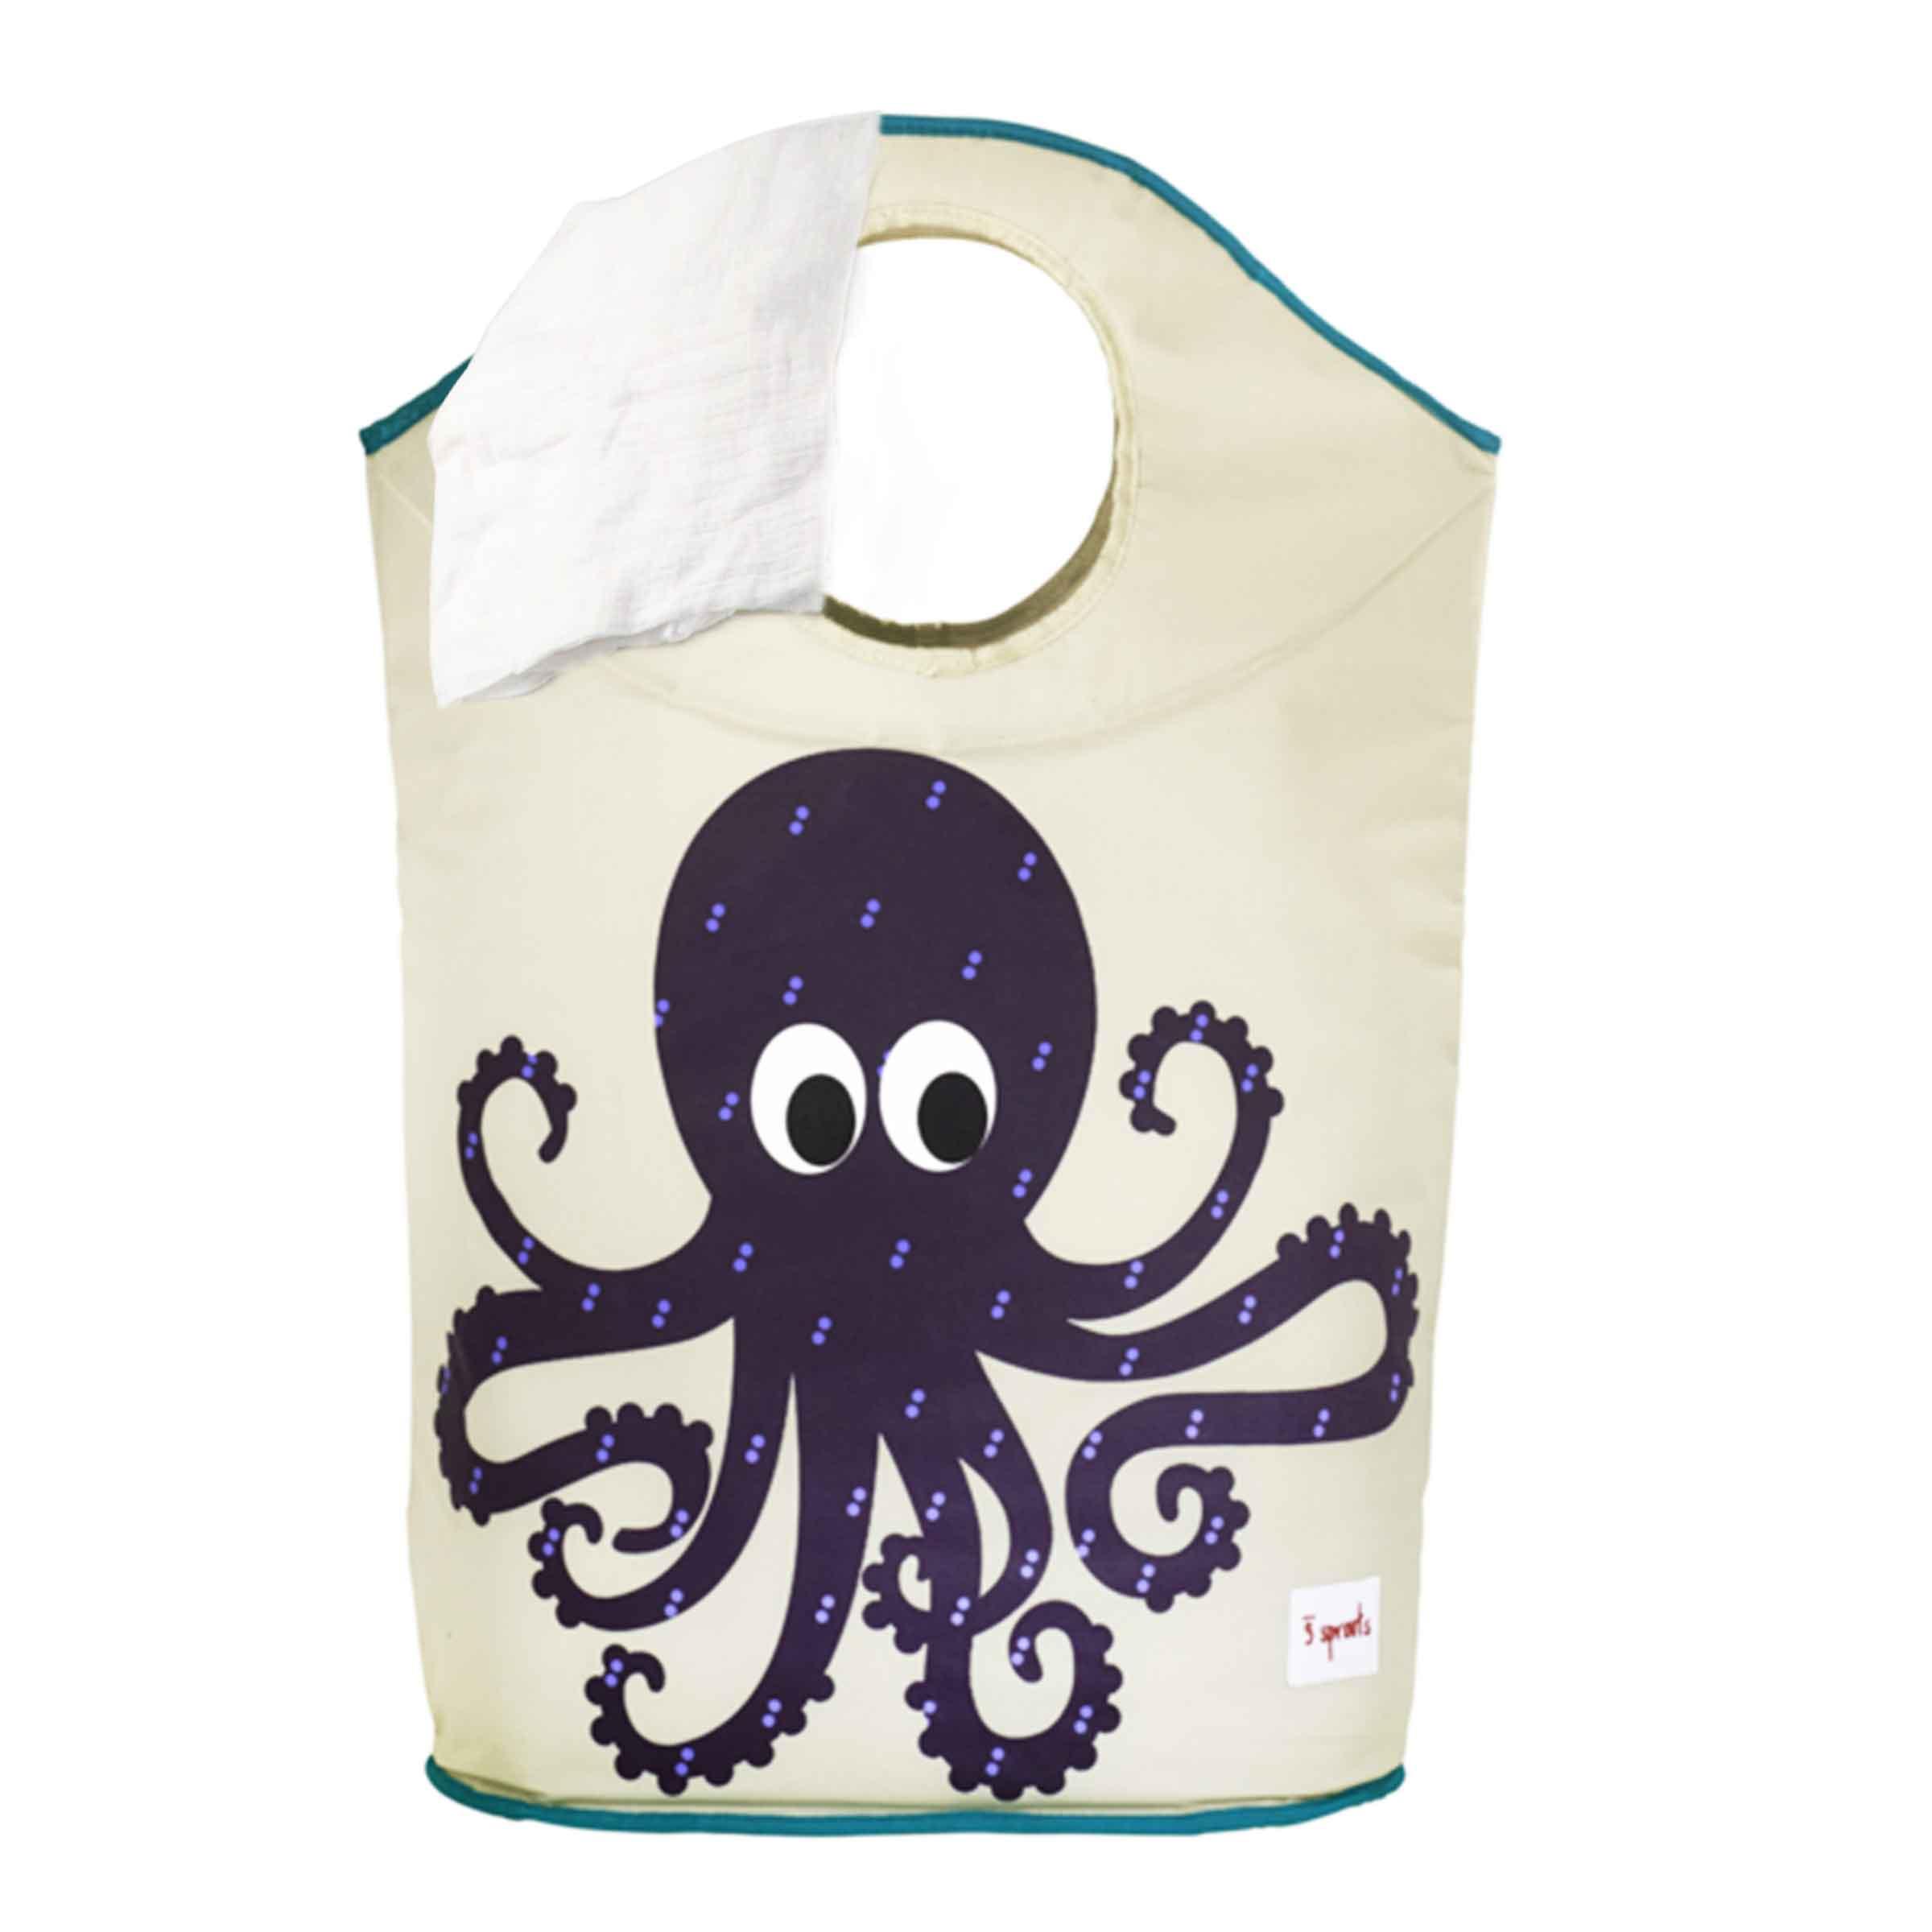 Panier à linge ludique en tissu avec motif pieuvre